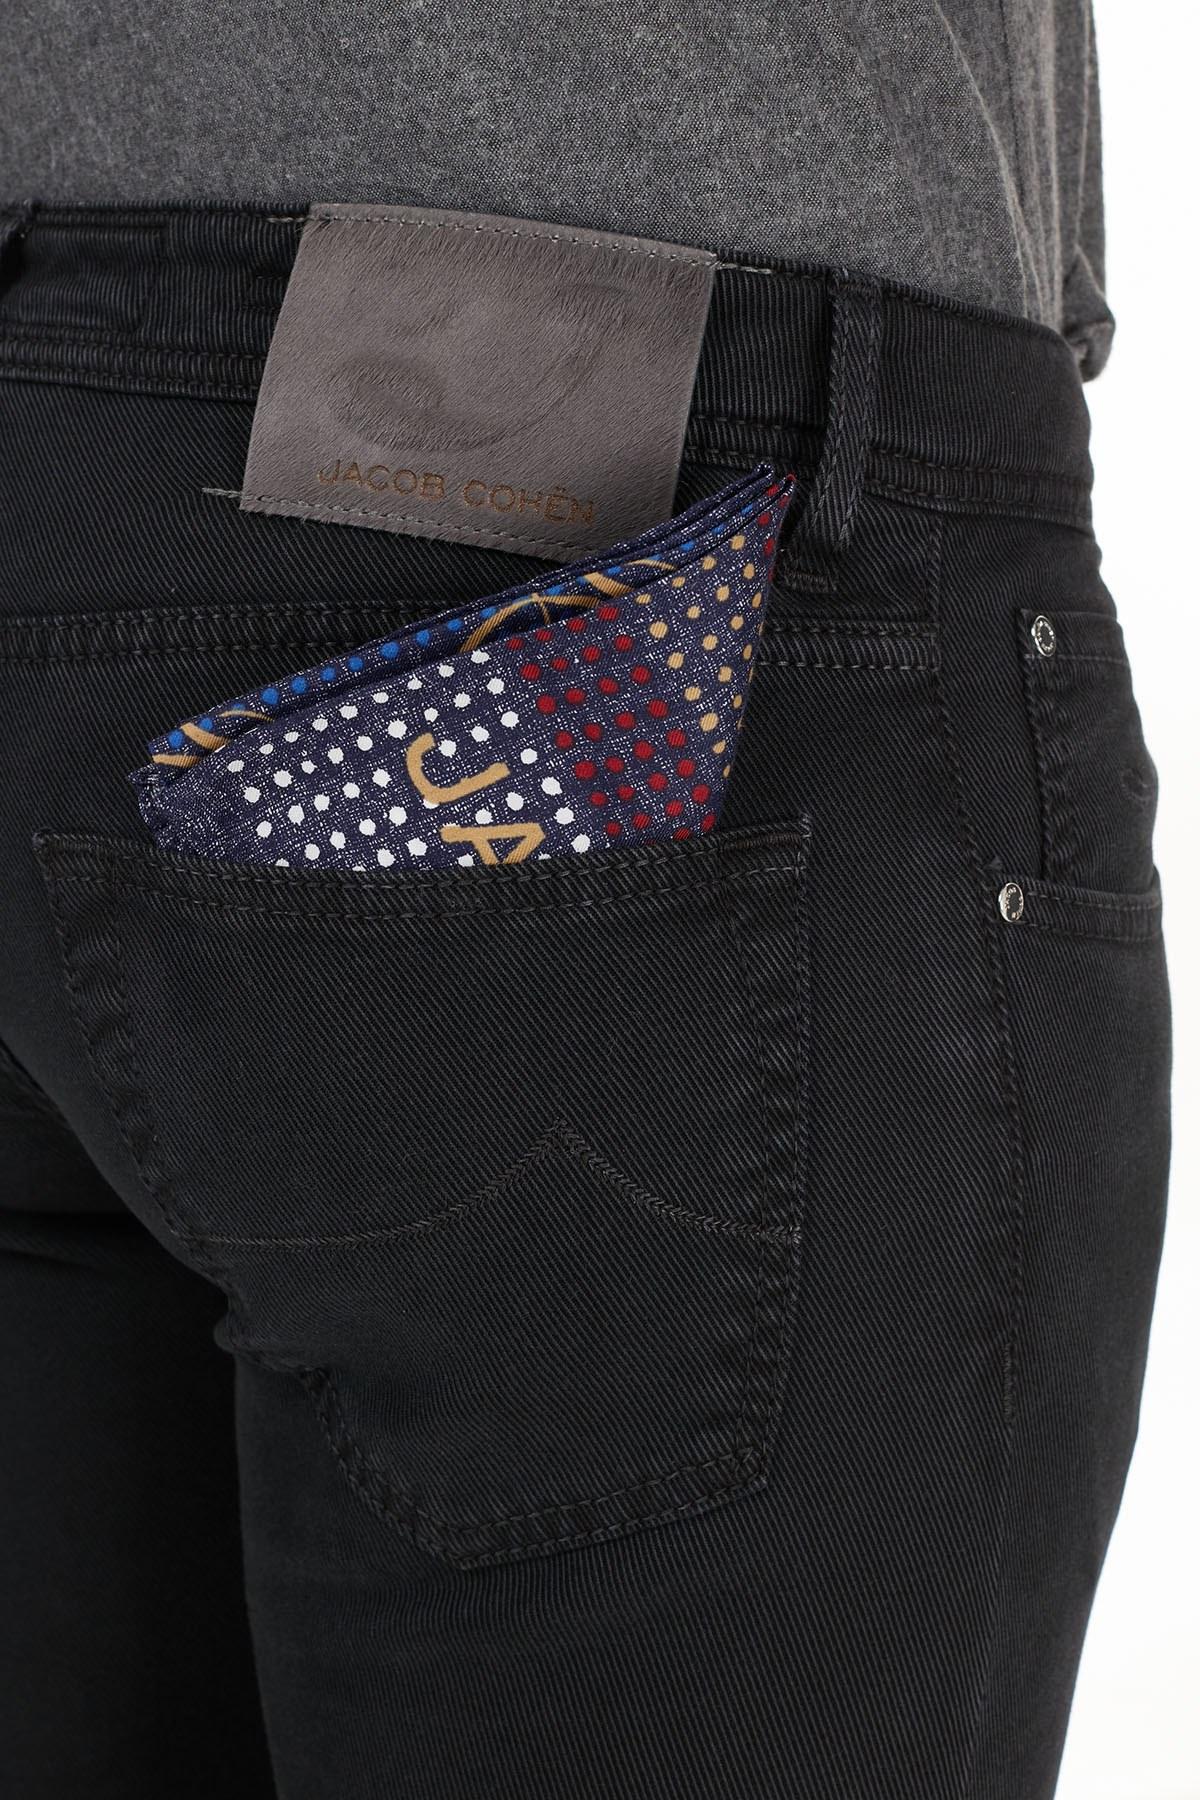 Jacob Cohen Jeans Erkek Pamuklu Pantolon J622 SLIM 02090V 990 SİYAH